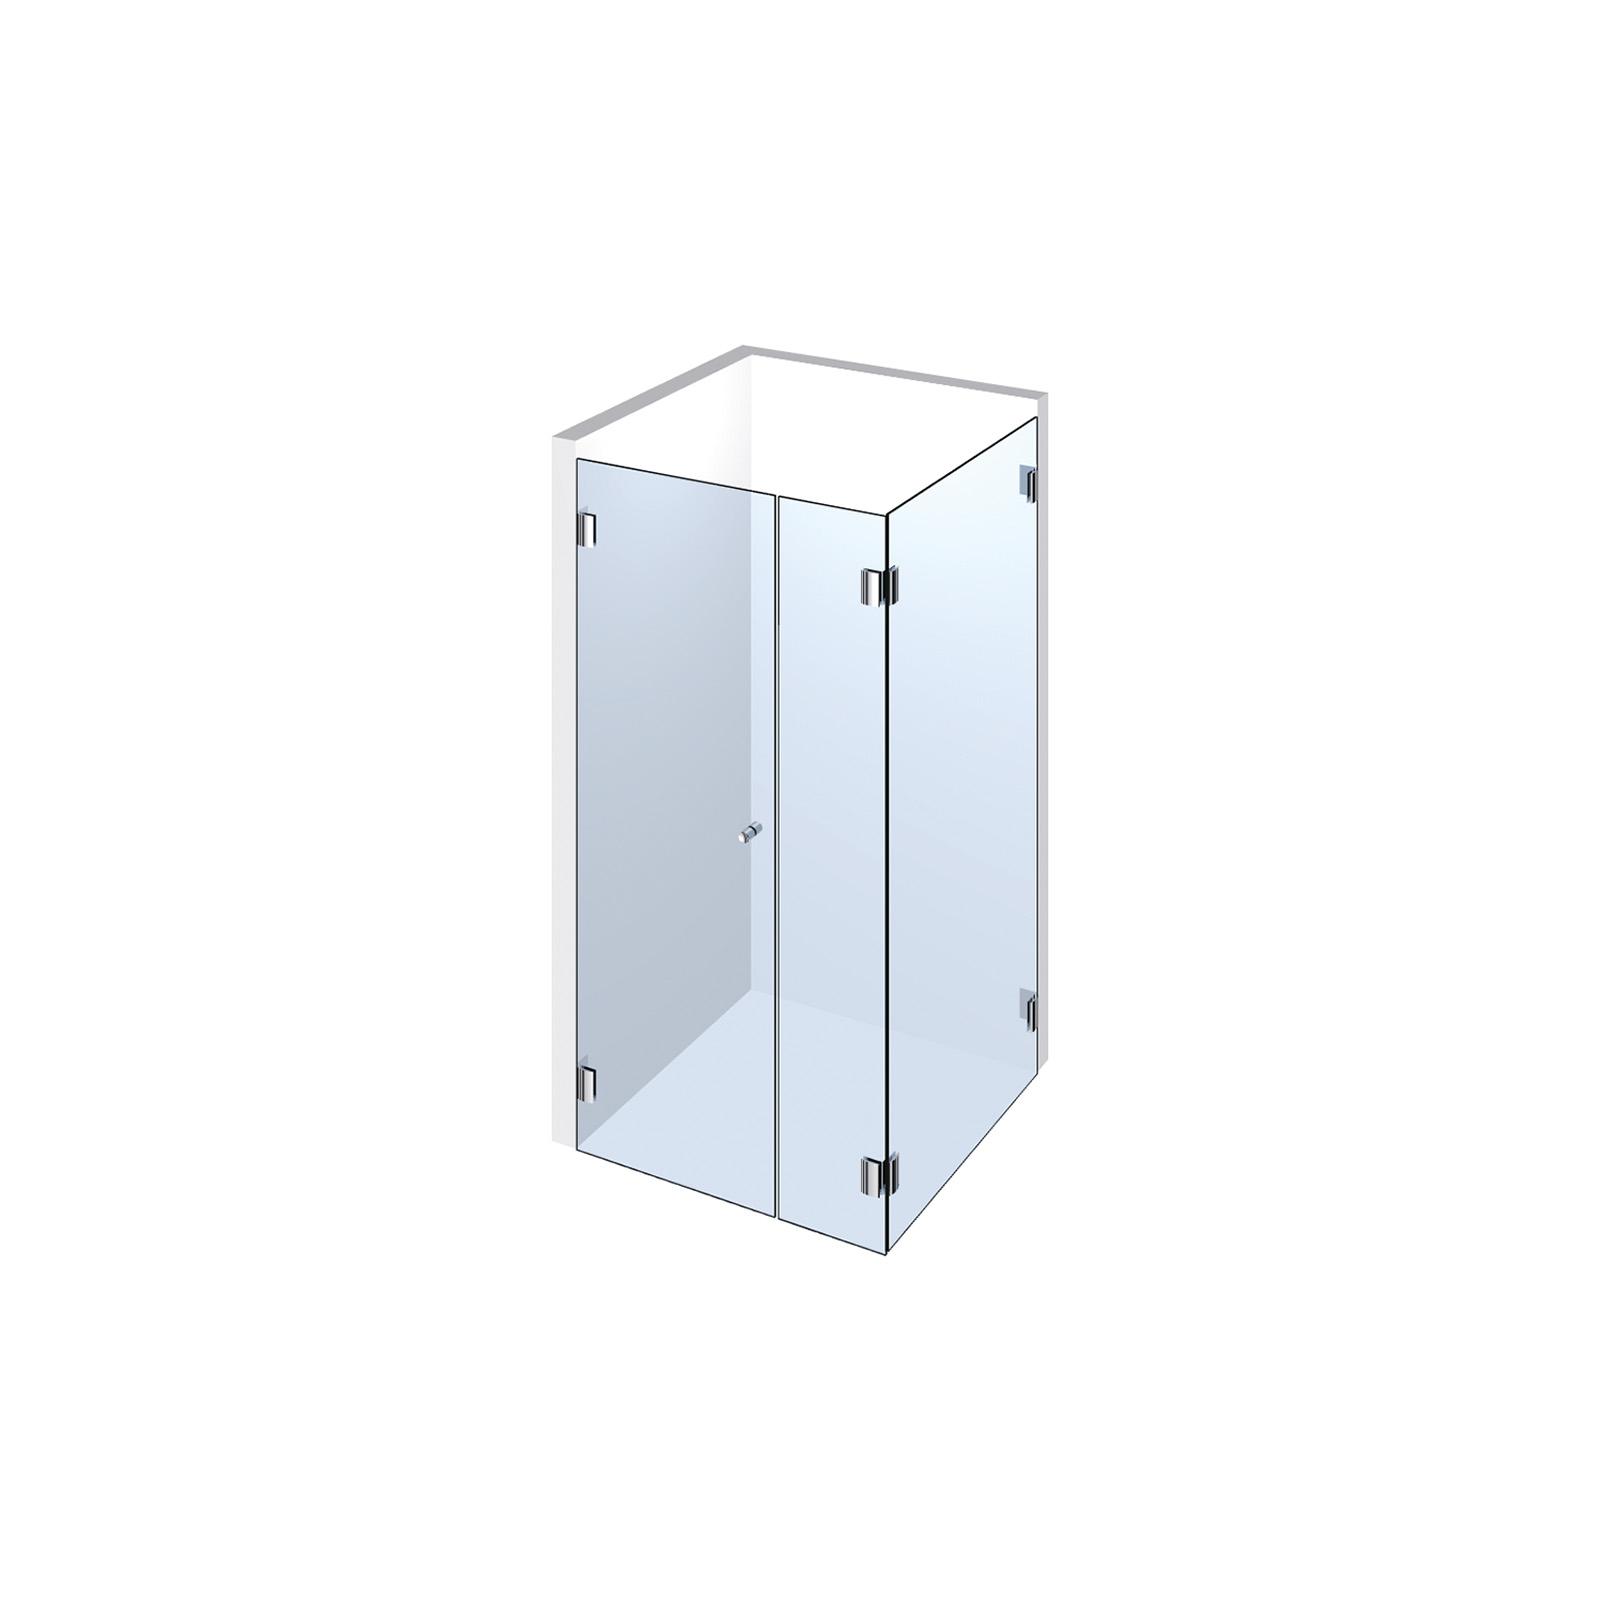 echtglasdusche typ 202 weitere aus glas duschkabinen duschw nde. Black Bedroom Furniture Sets. Home Design Ideas